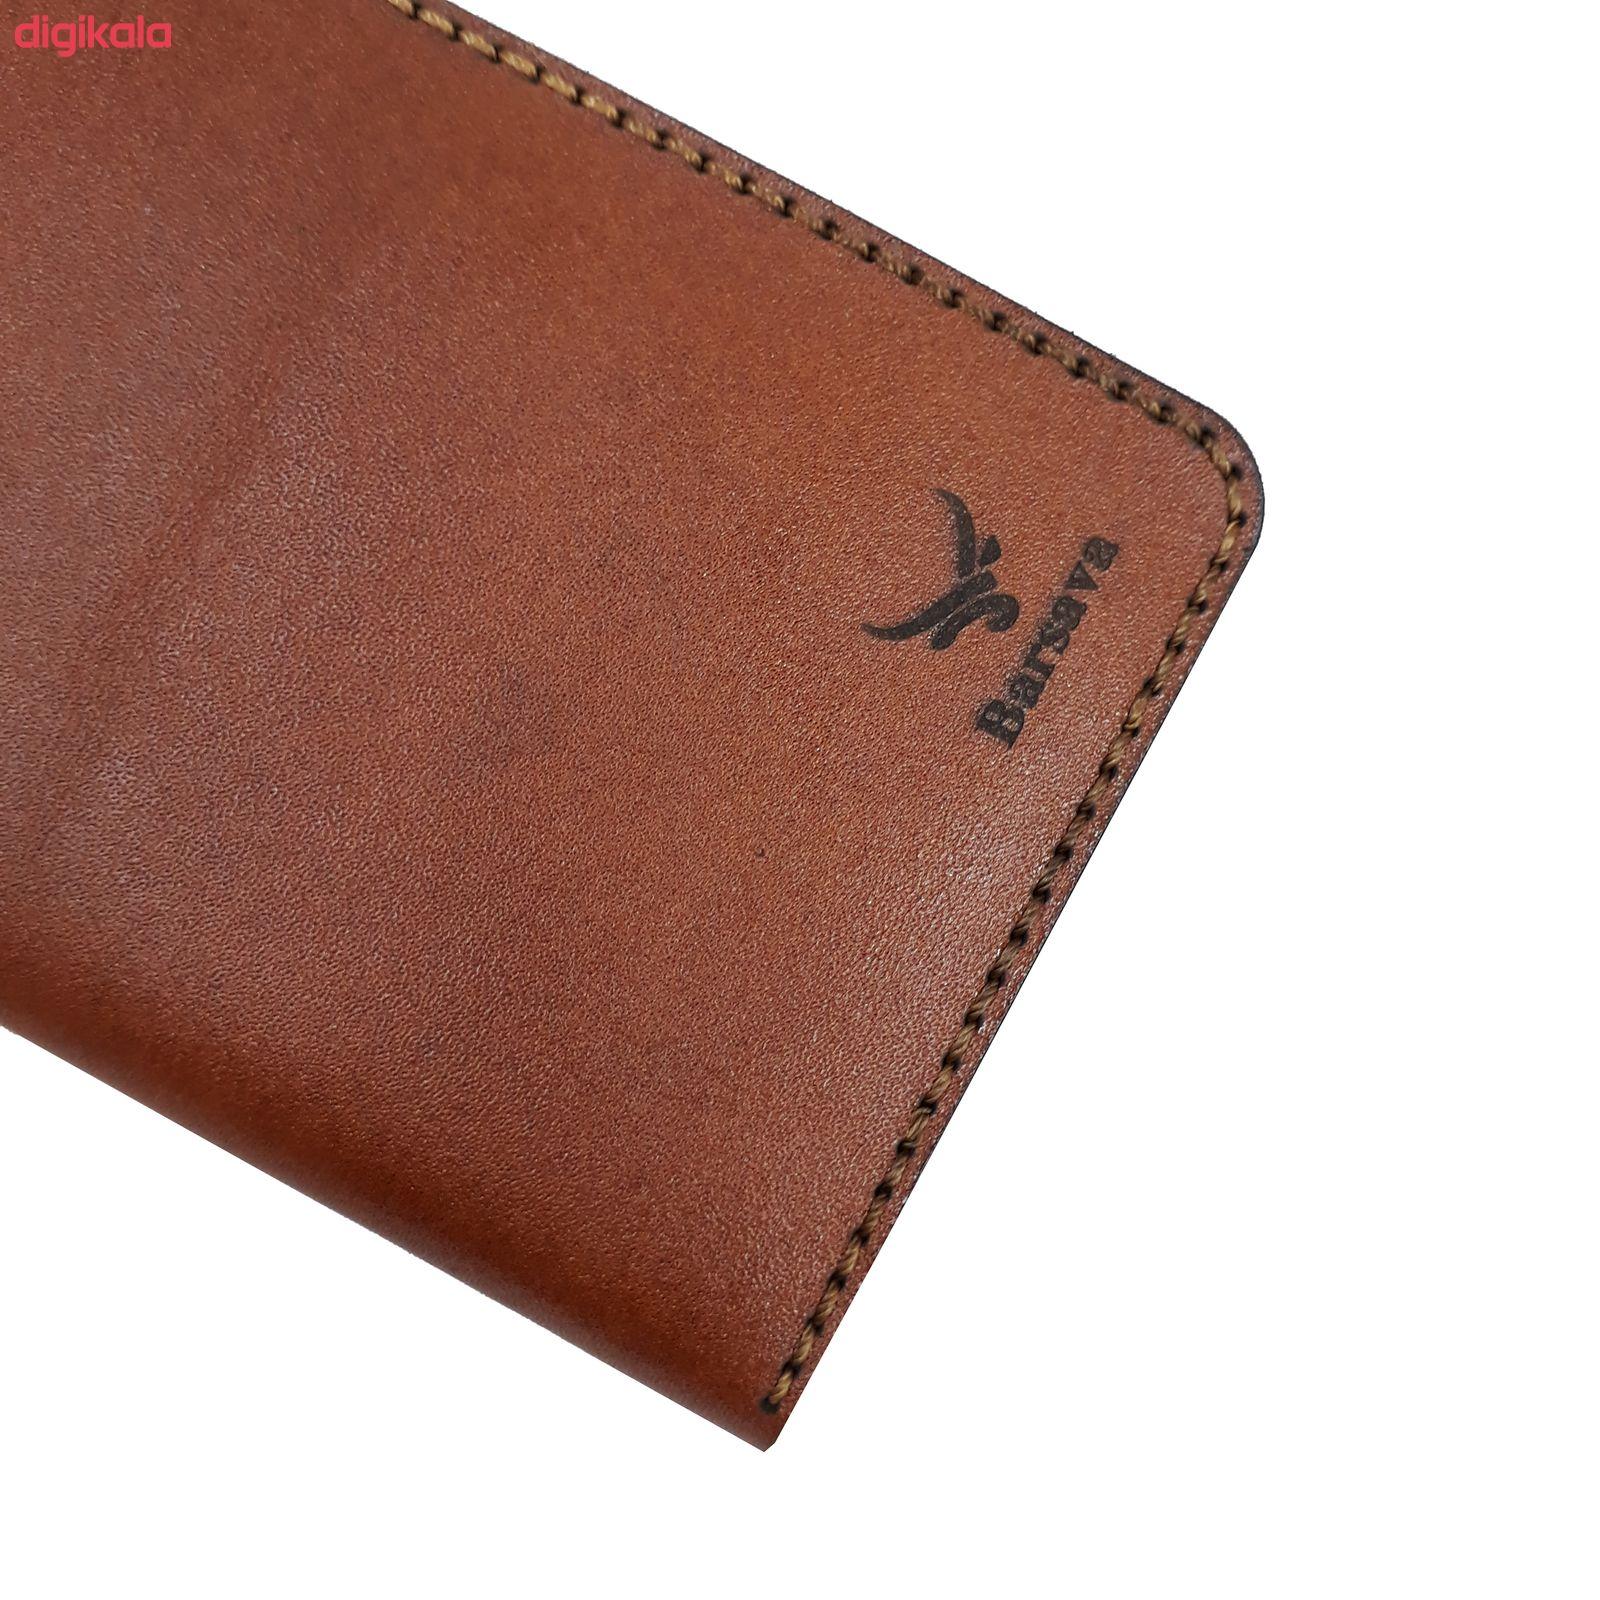 کیف پول مردانه چرم بارثاوا مدل1501B main 1 2